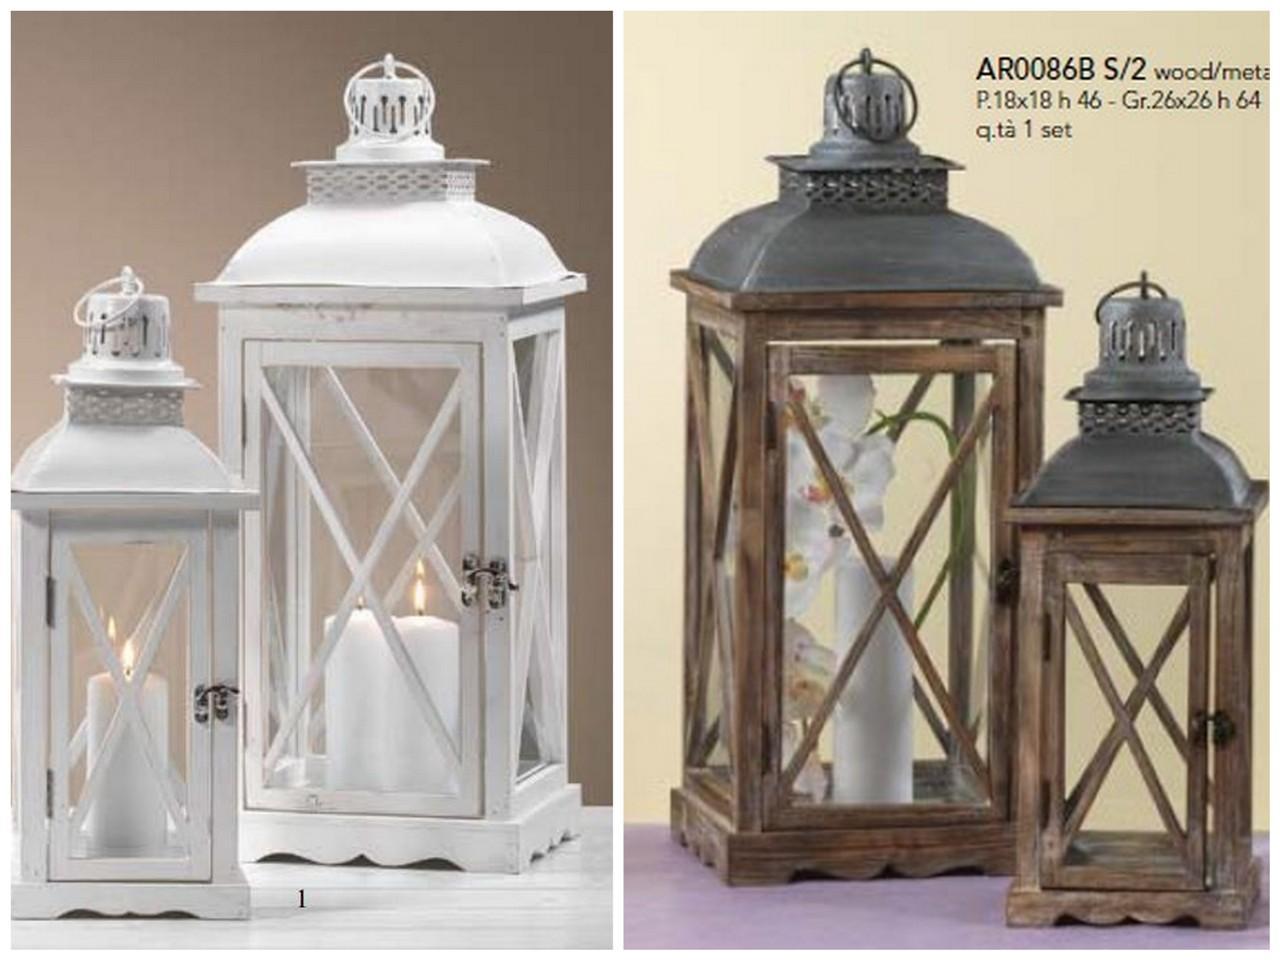 Lanterne x 2 h 64 e 46 in legno e metallo in 3 versioni for Lanterne bianche